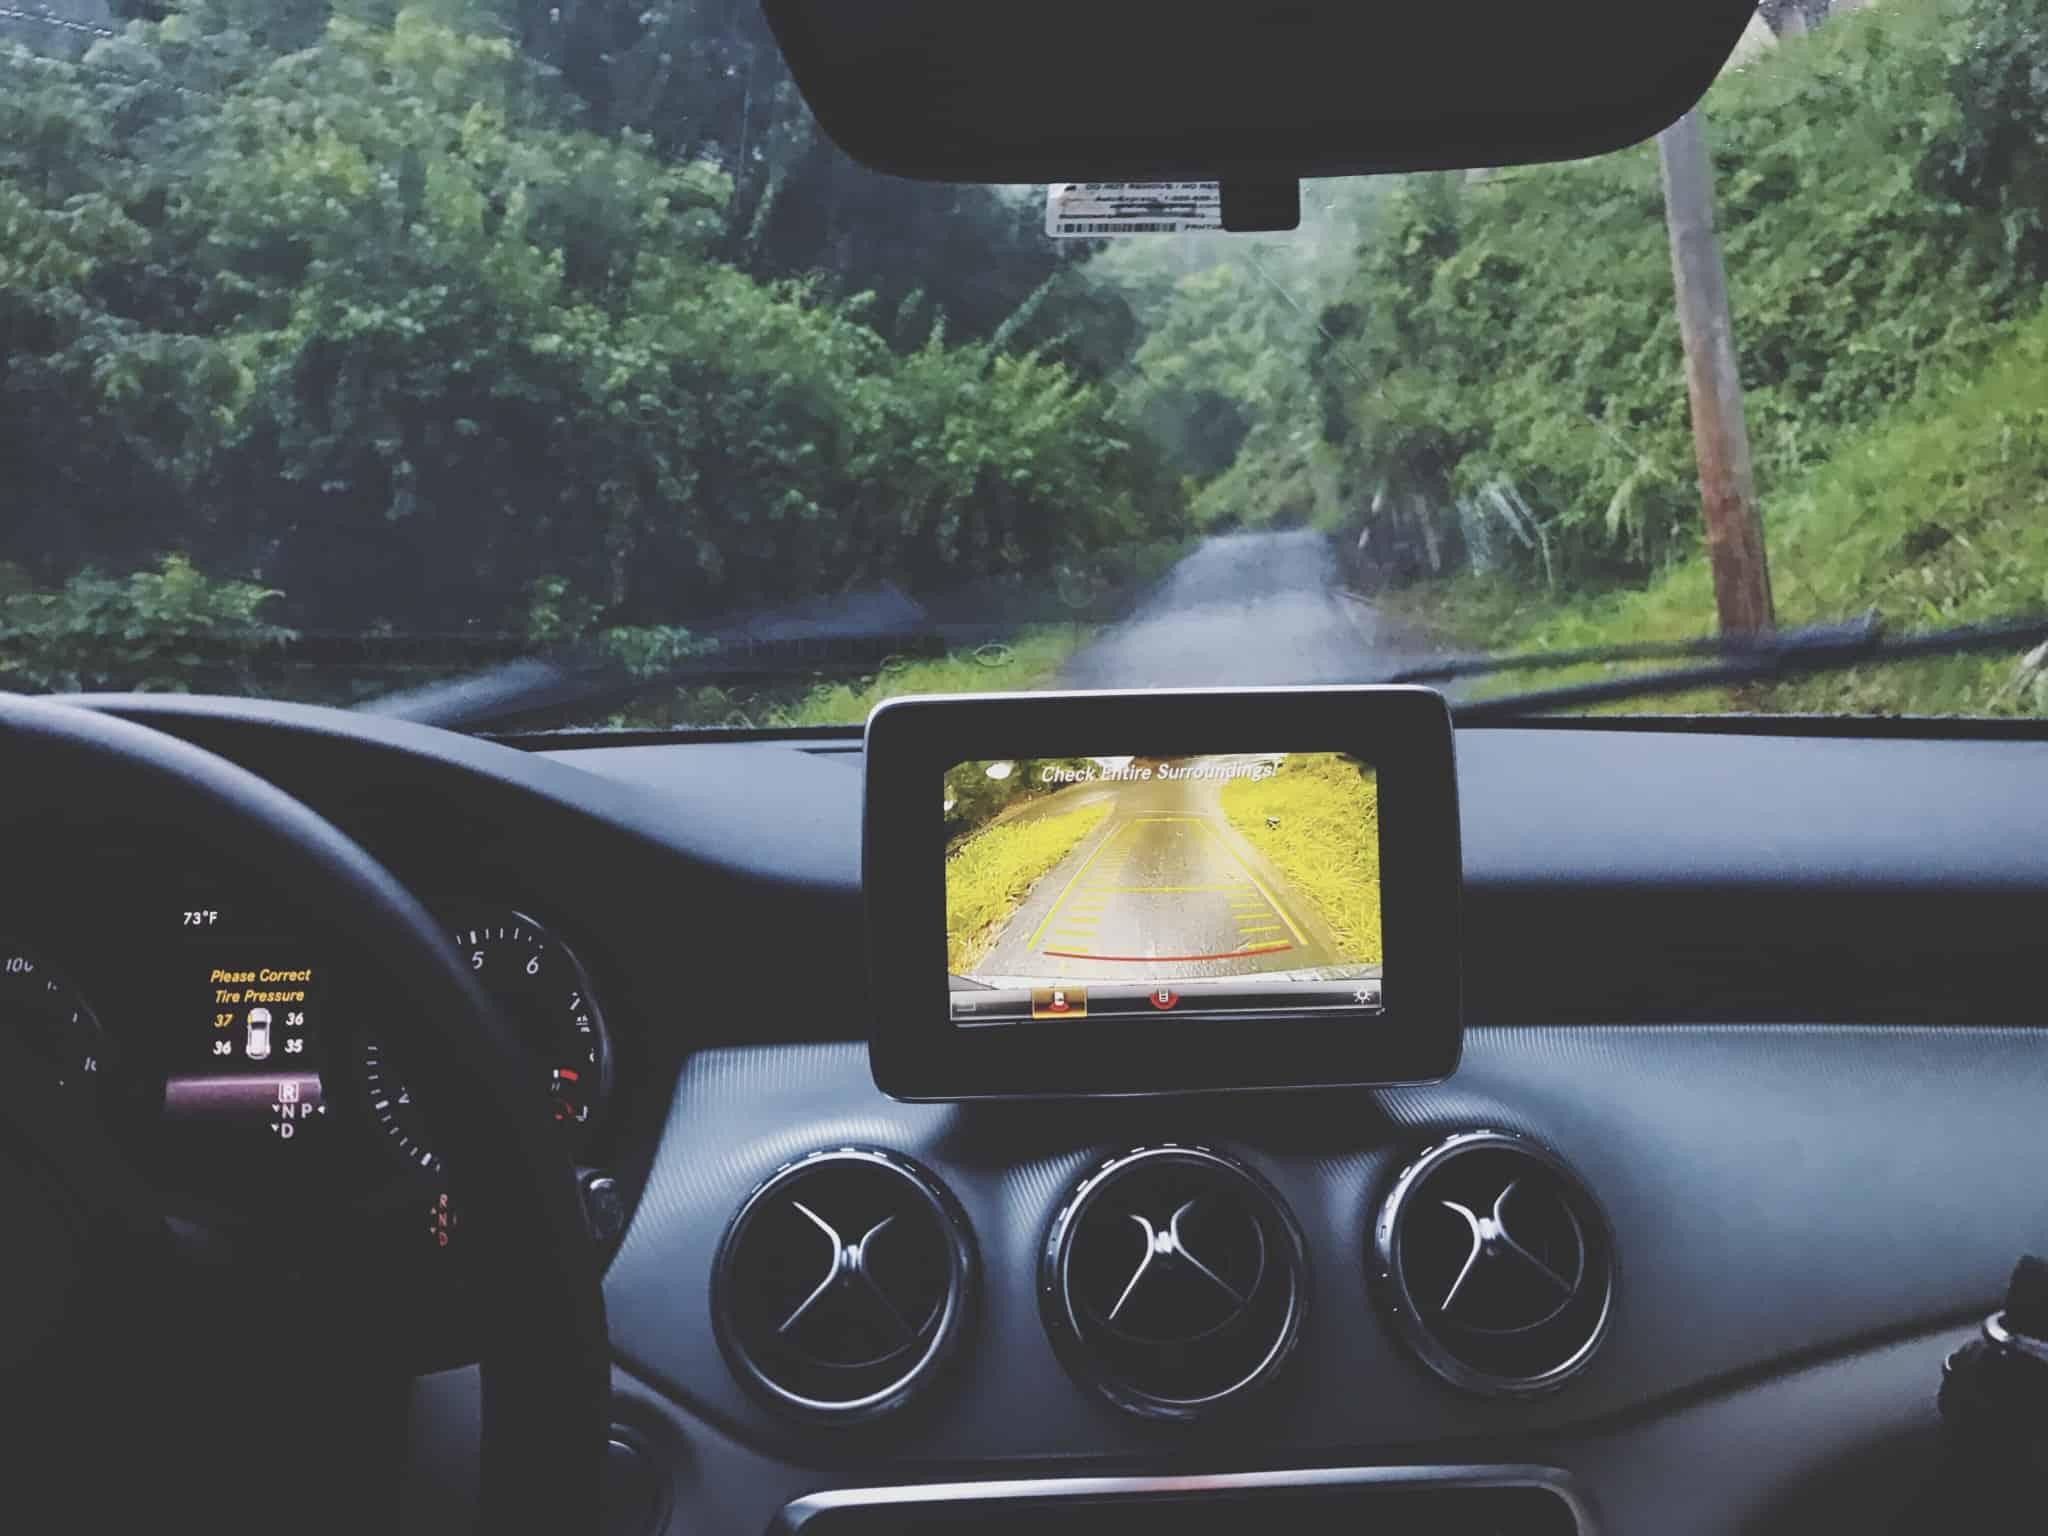 carro a andar numa estrada no bosque